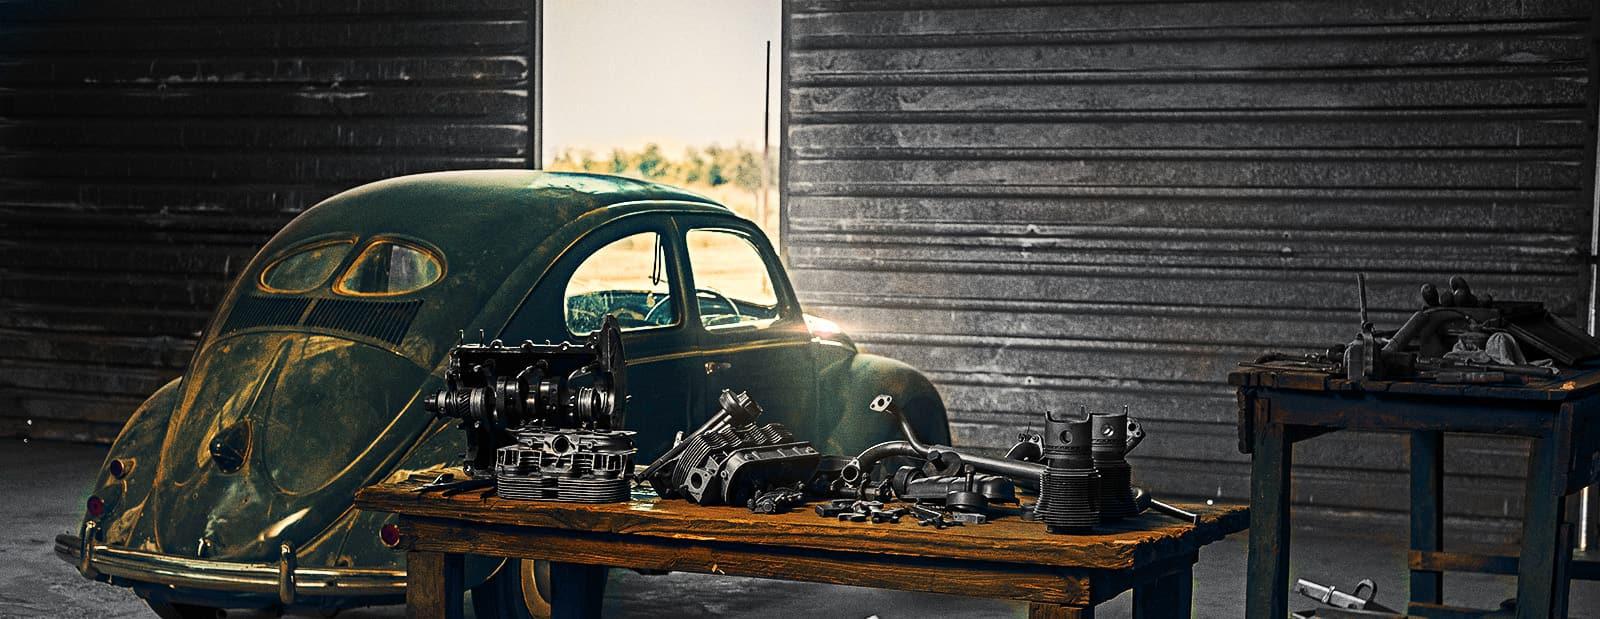 """Inspirację do napisania artykułu stanowi serial """"Samochody, które zmieniły świat"""" Emisja w poniedziałki o 21:00 od 30 listopada na HISTORY"""